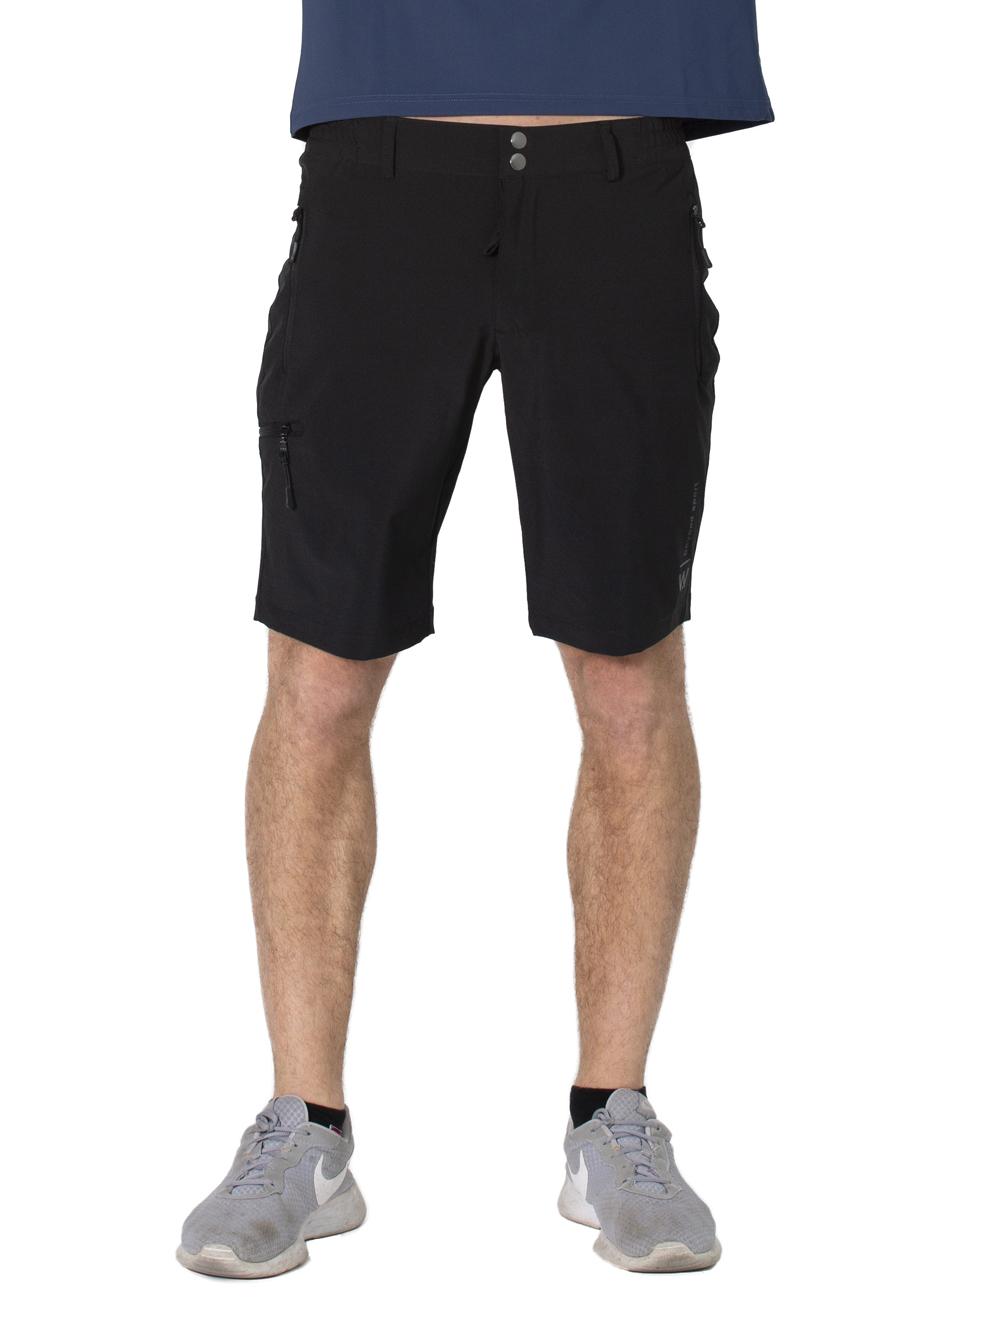 Pantaloncino uomo sport San Diego